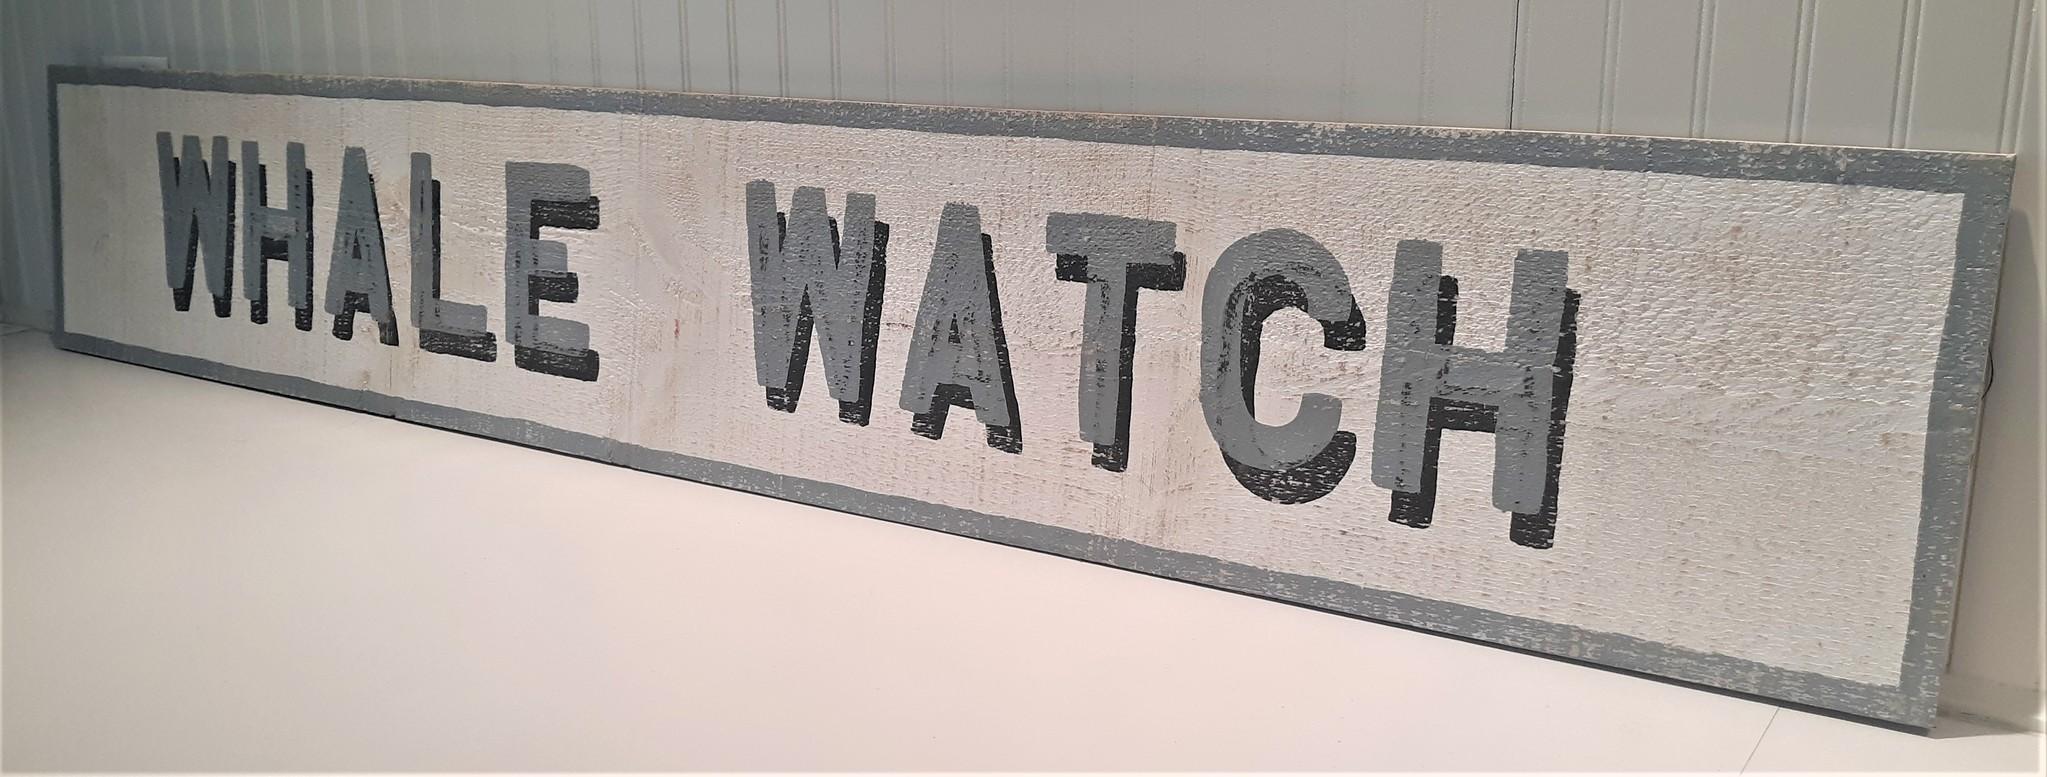 Mark Twain Grey Whale Watch OBD